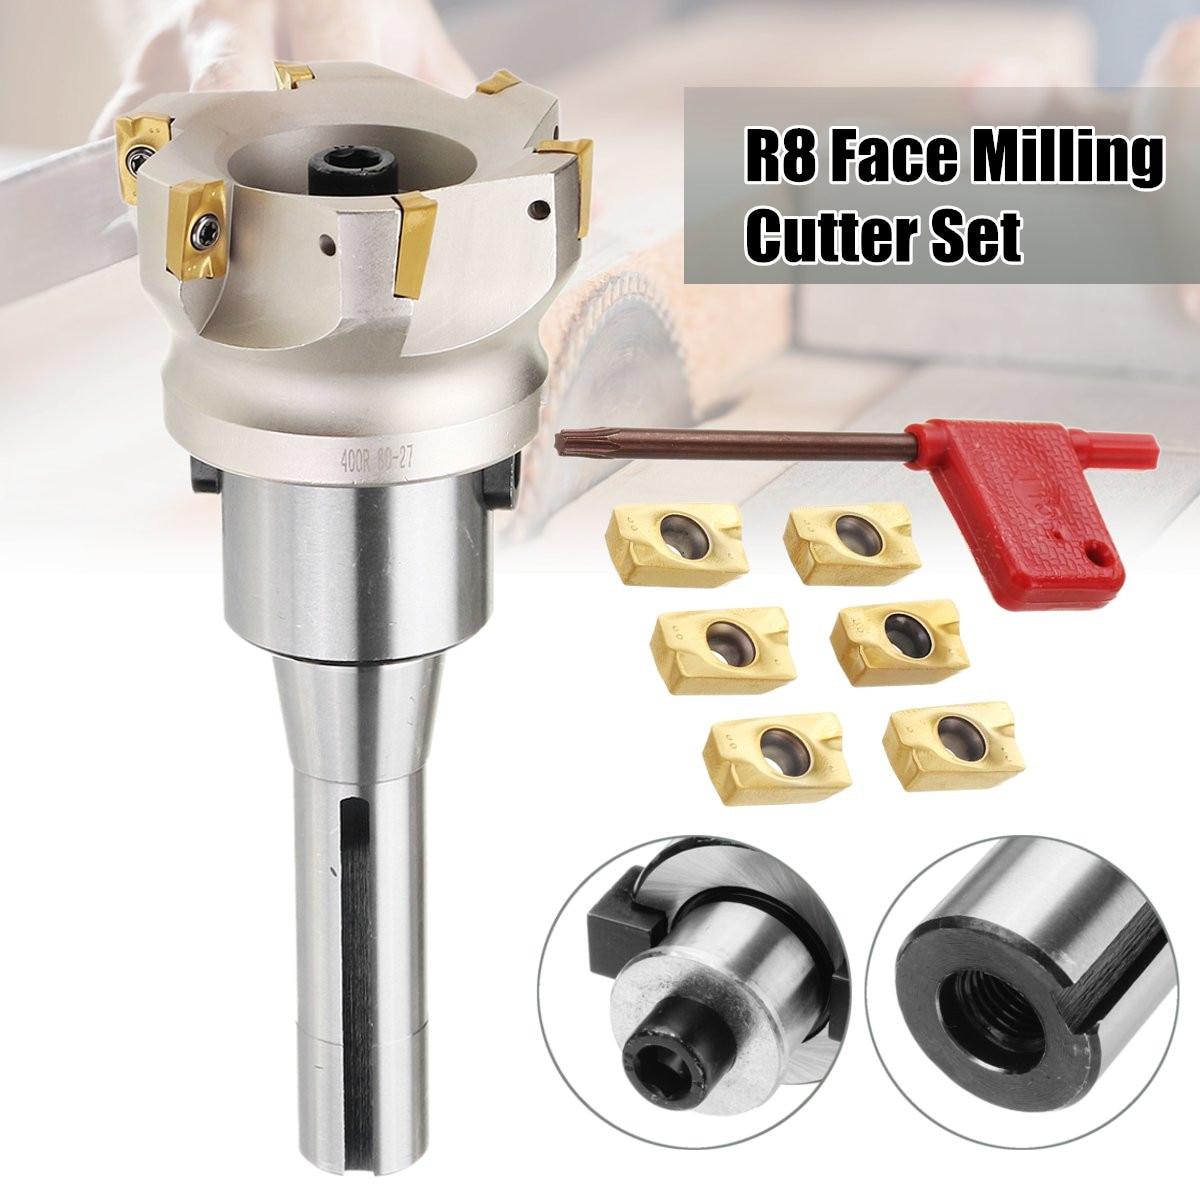 400R 80mm 400R-80-27-6T fraise à queue de visage R8 FMB27 tonnelle & 6x APMT1604 Insert